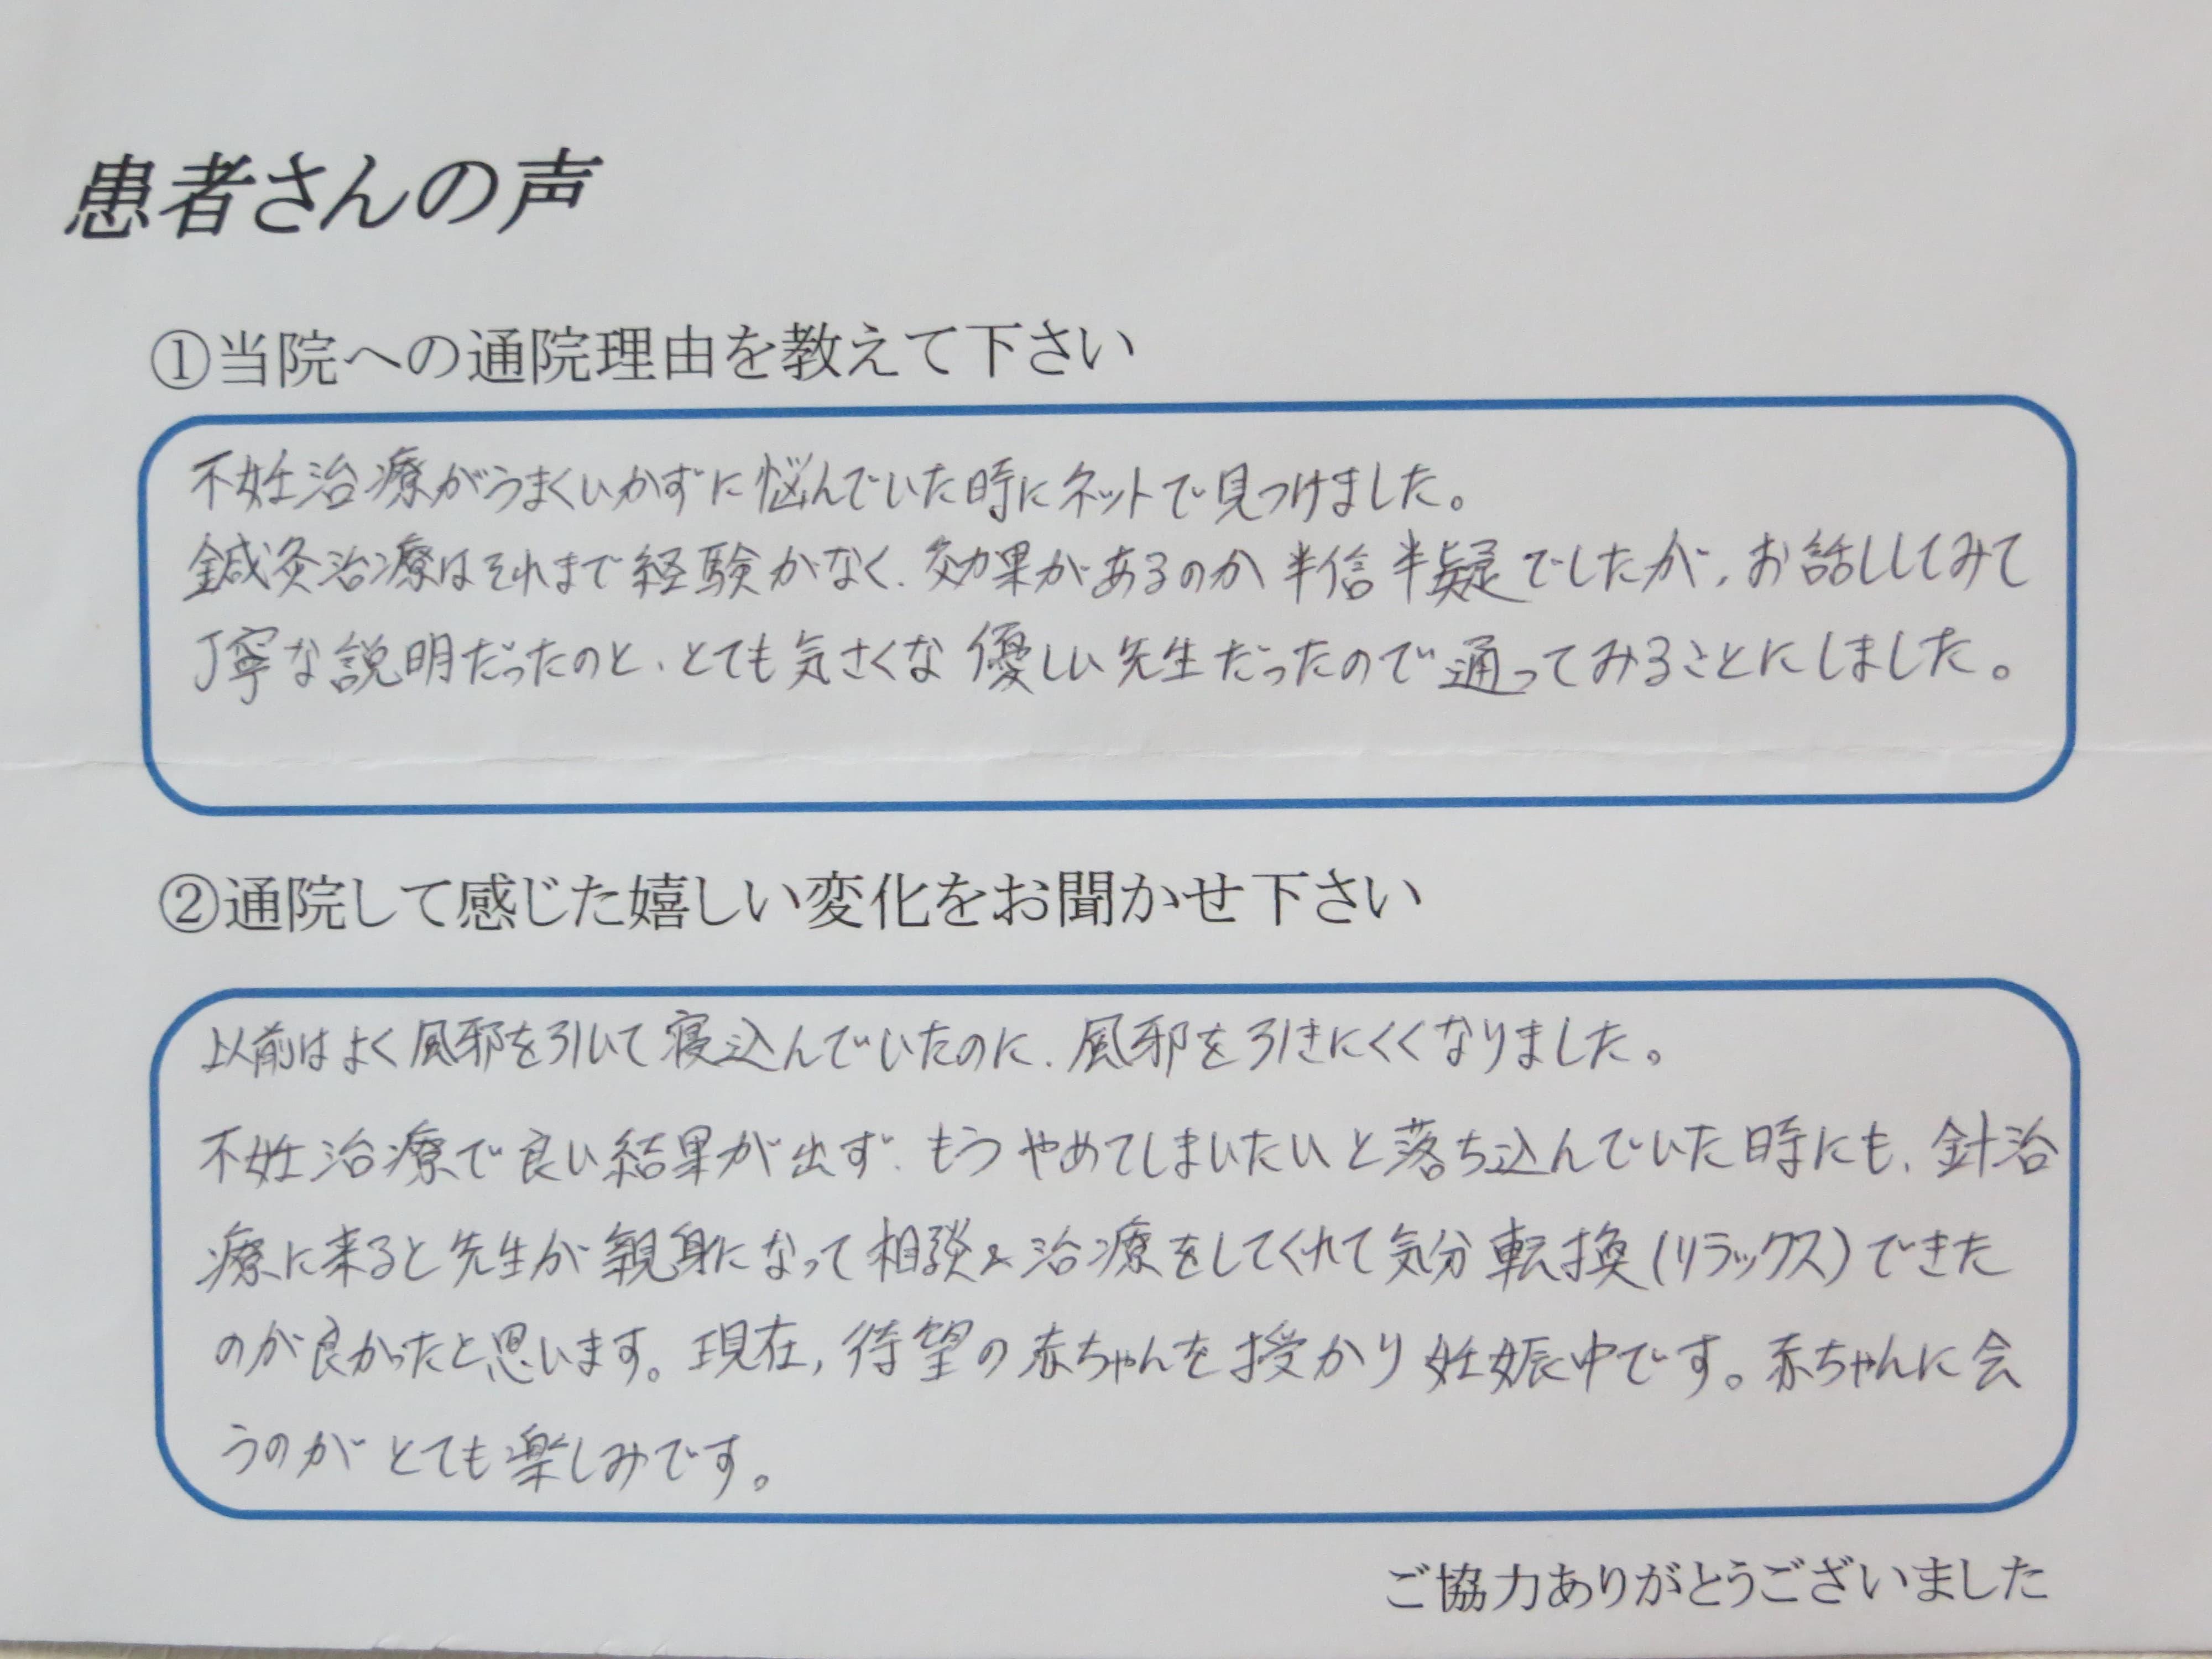 濱嶋 不妊.JPG